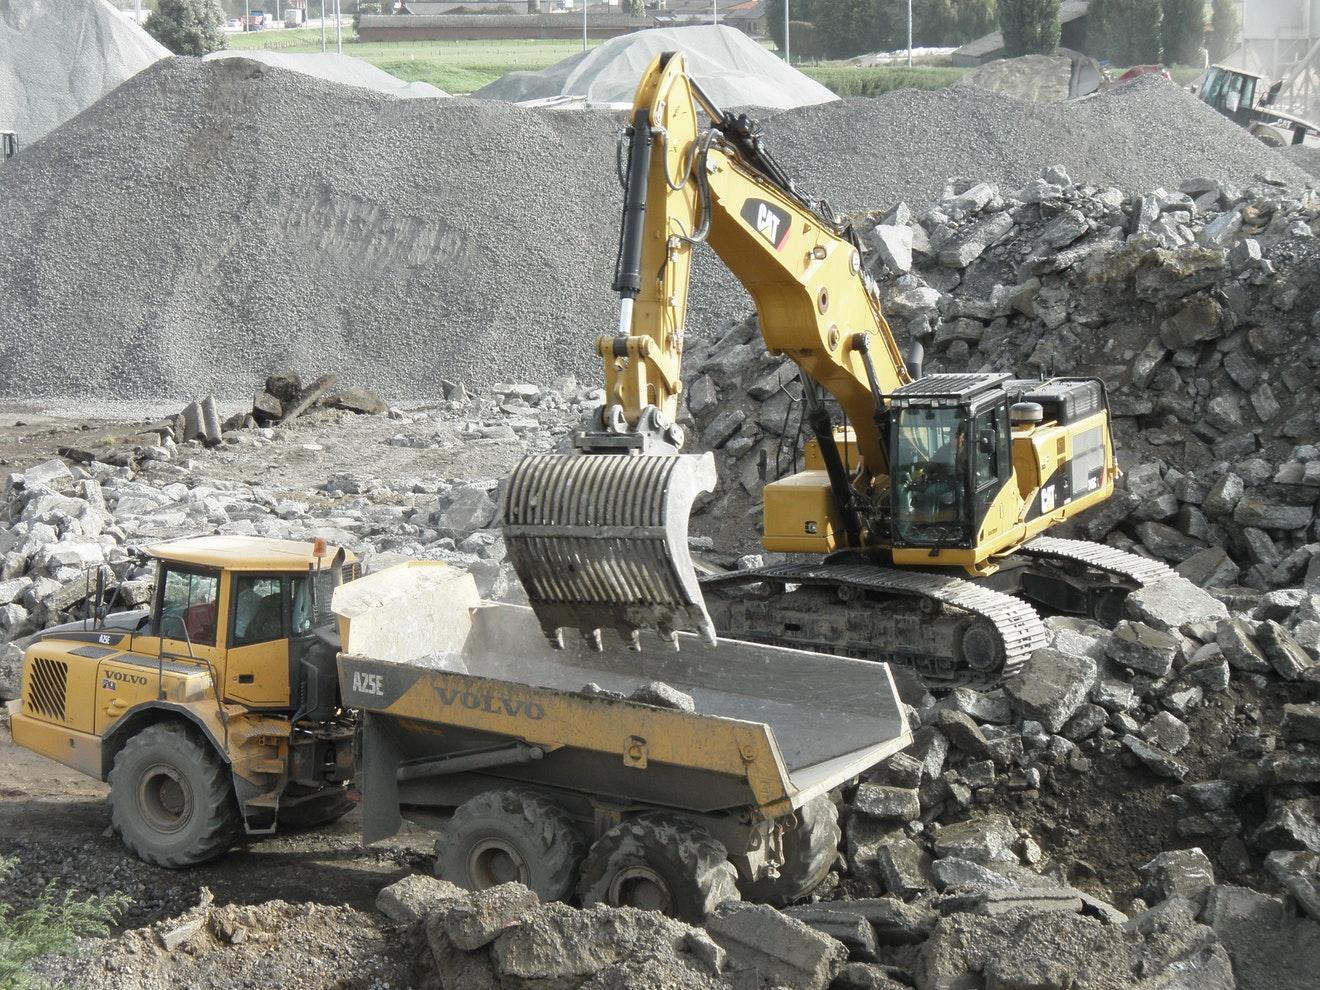 Aan het einde van de levensduur kunnen betonwegen worden opgebroken en gerecycled voor nieuwe betonwegen of funderingen.